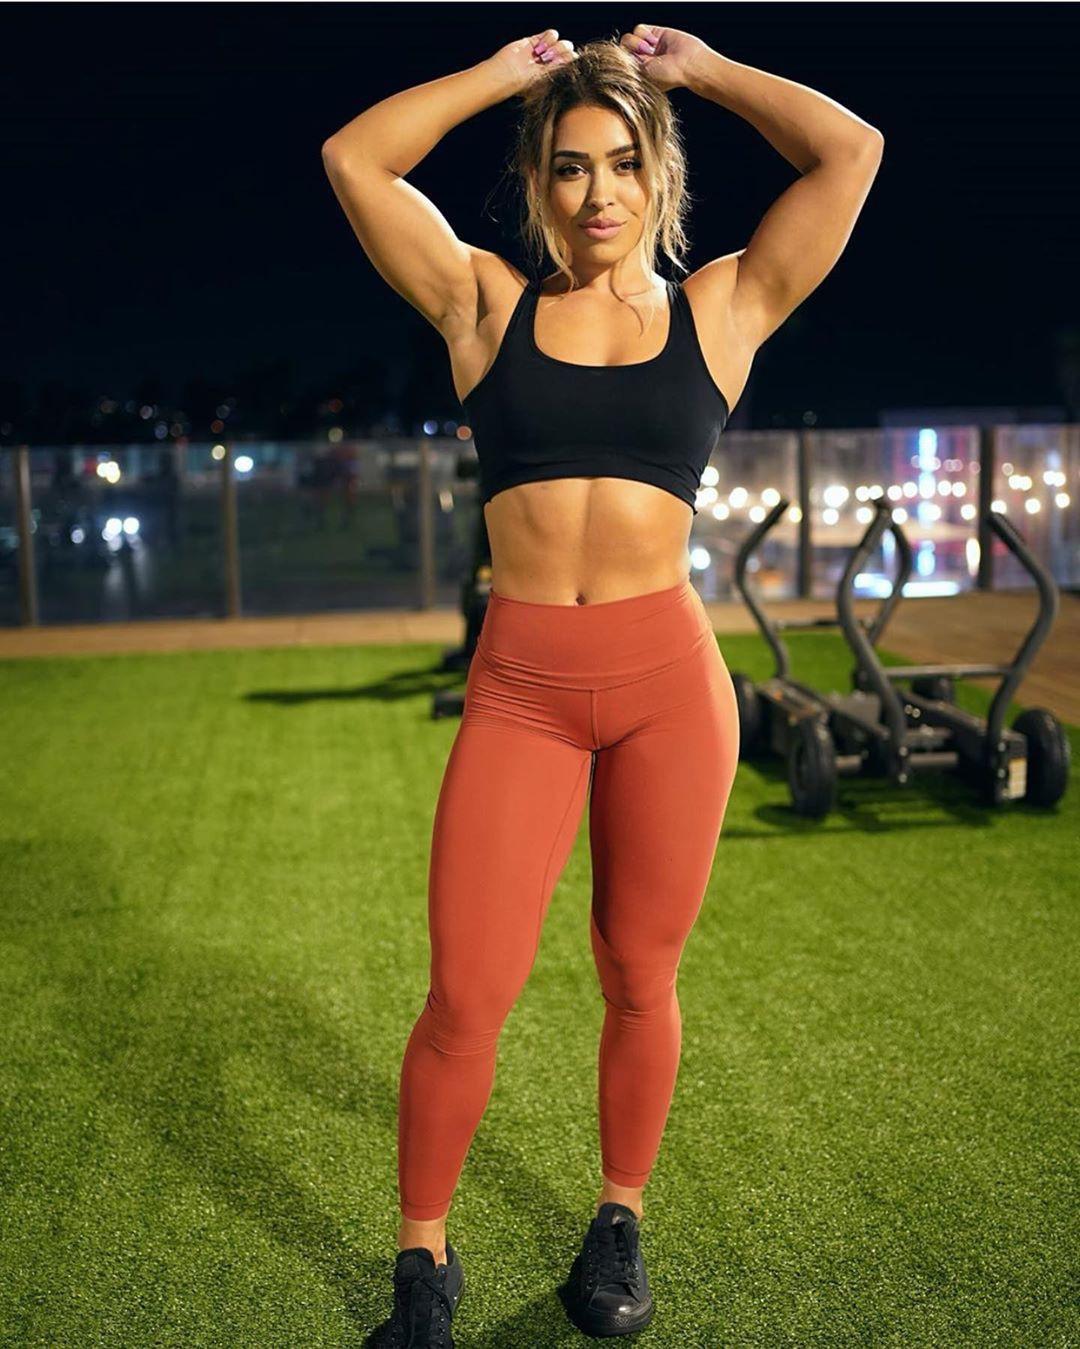 Cassandra Martin Wallpaper, Cass Martin, Physical fitness